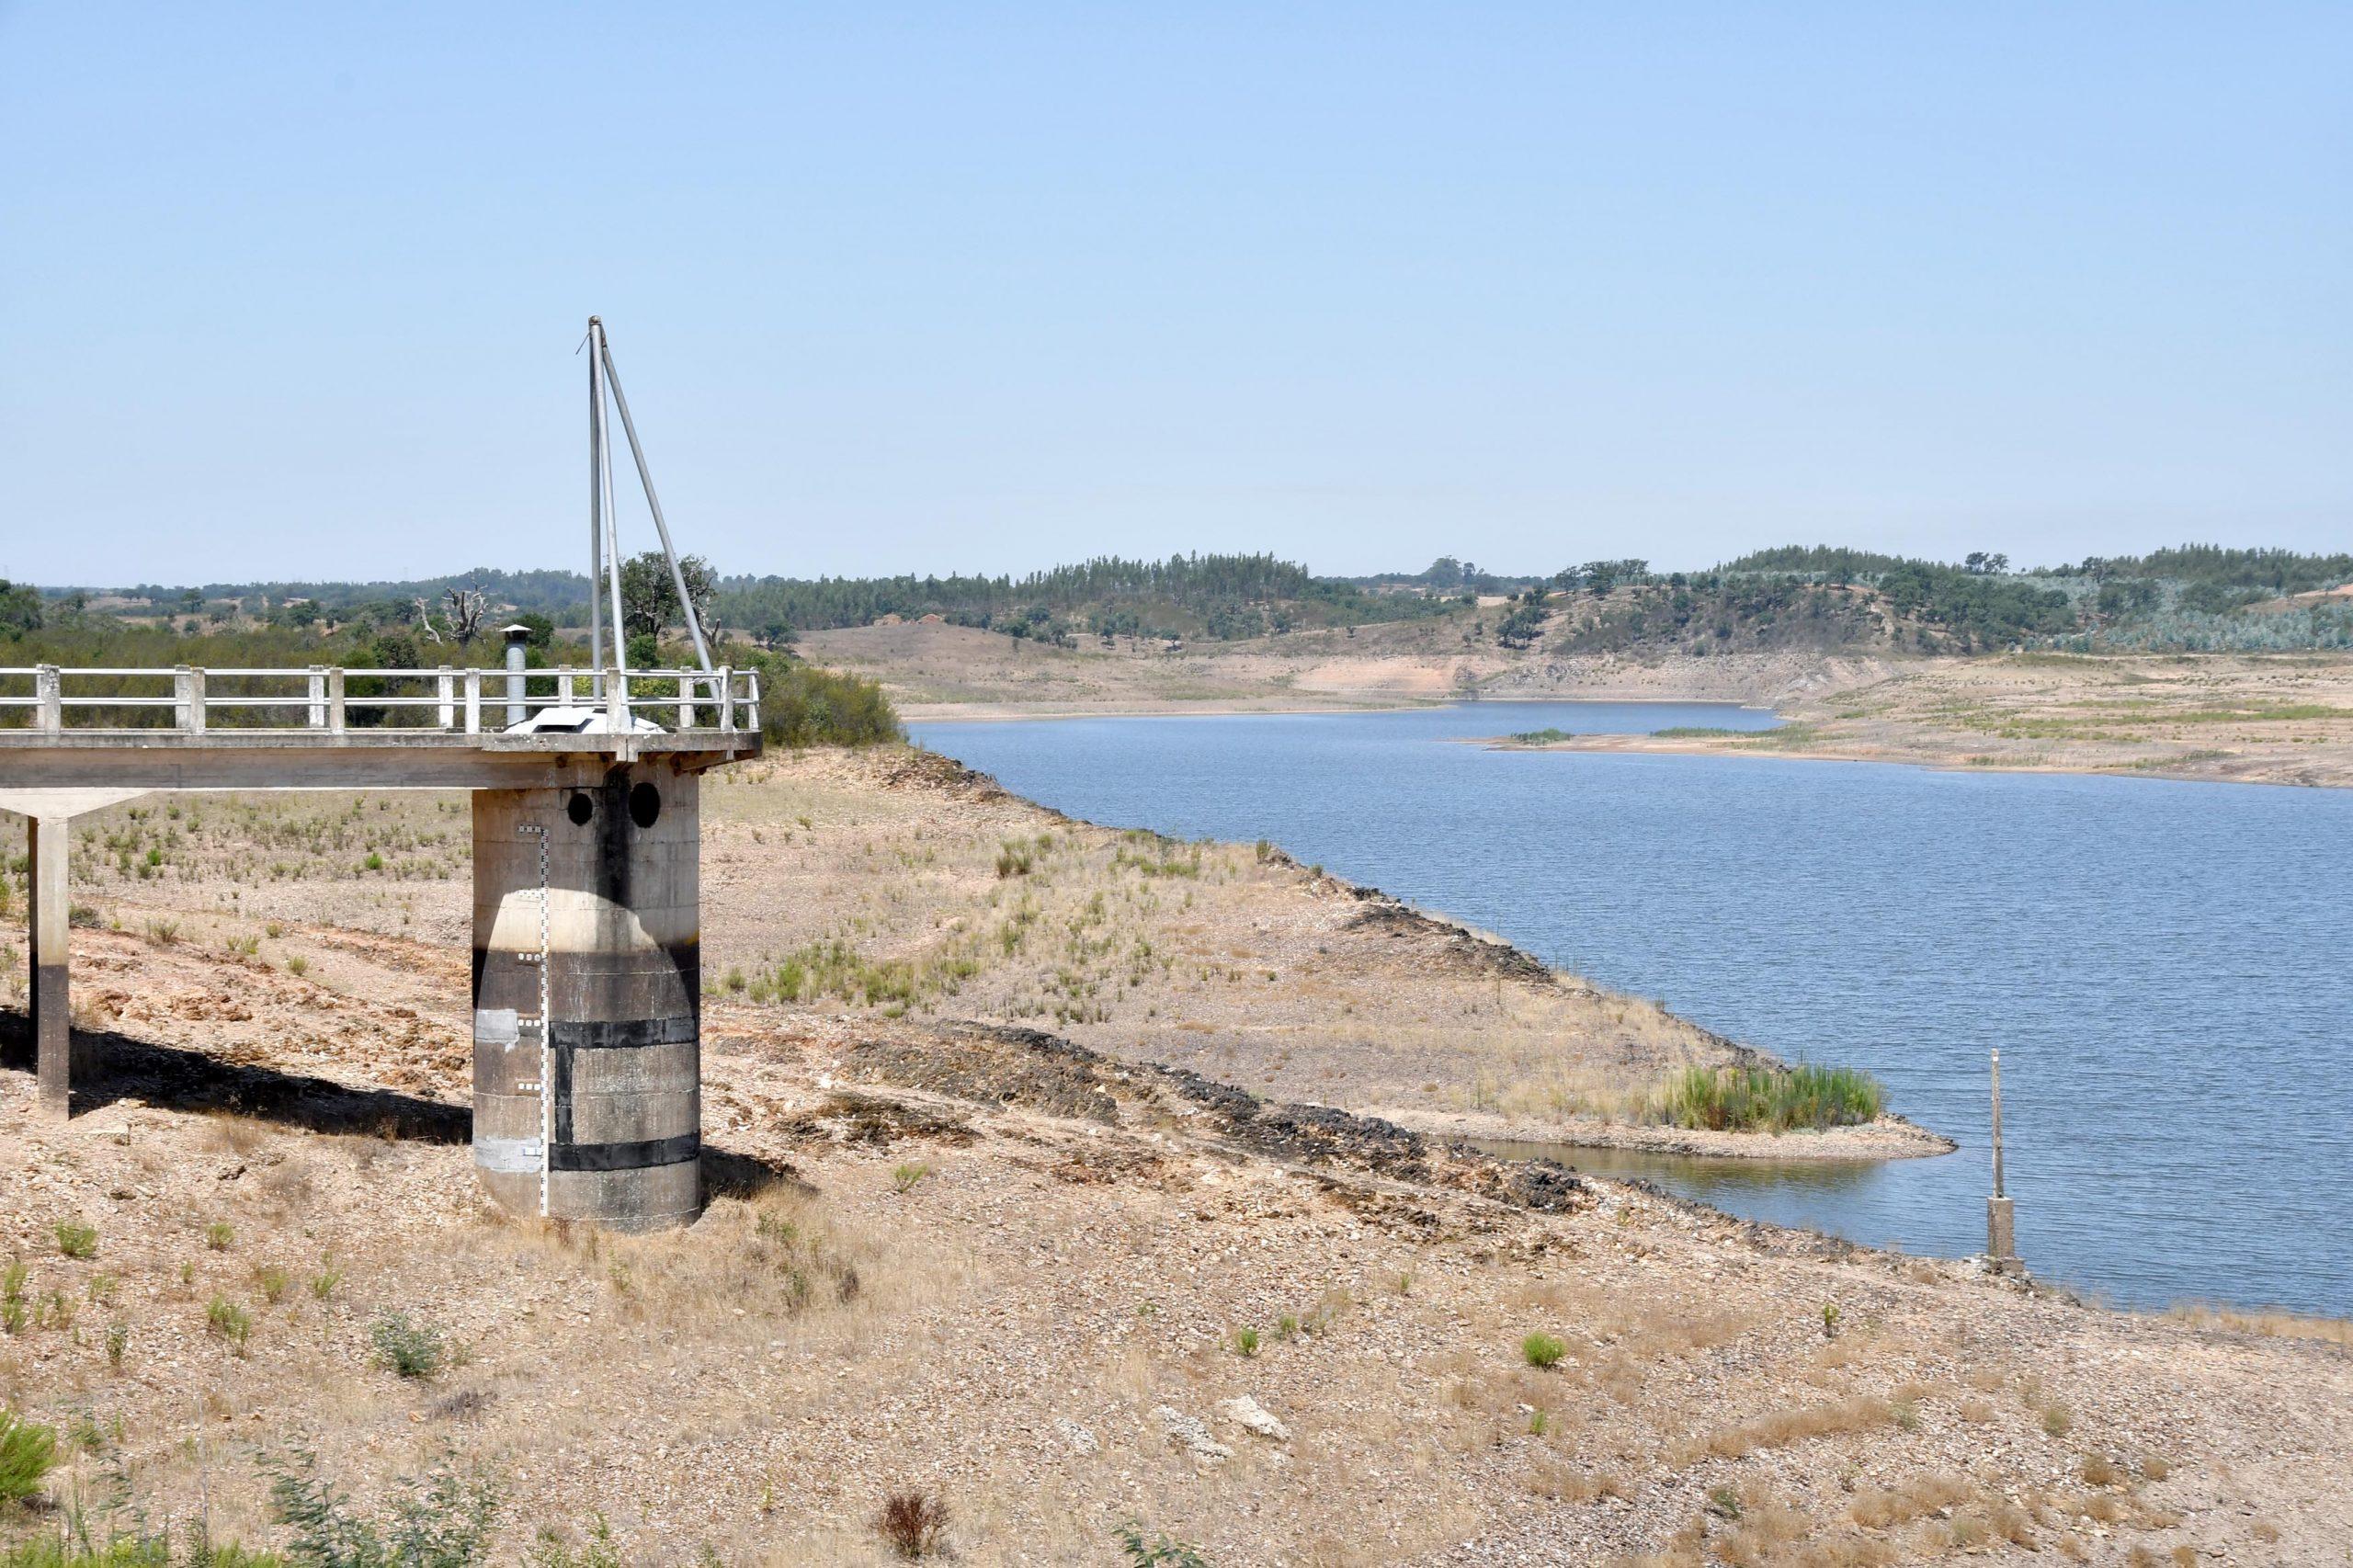 Barragem de Campilhas - Cercal do Alentejo